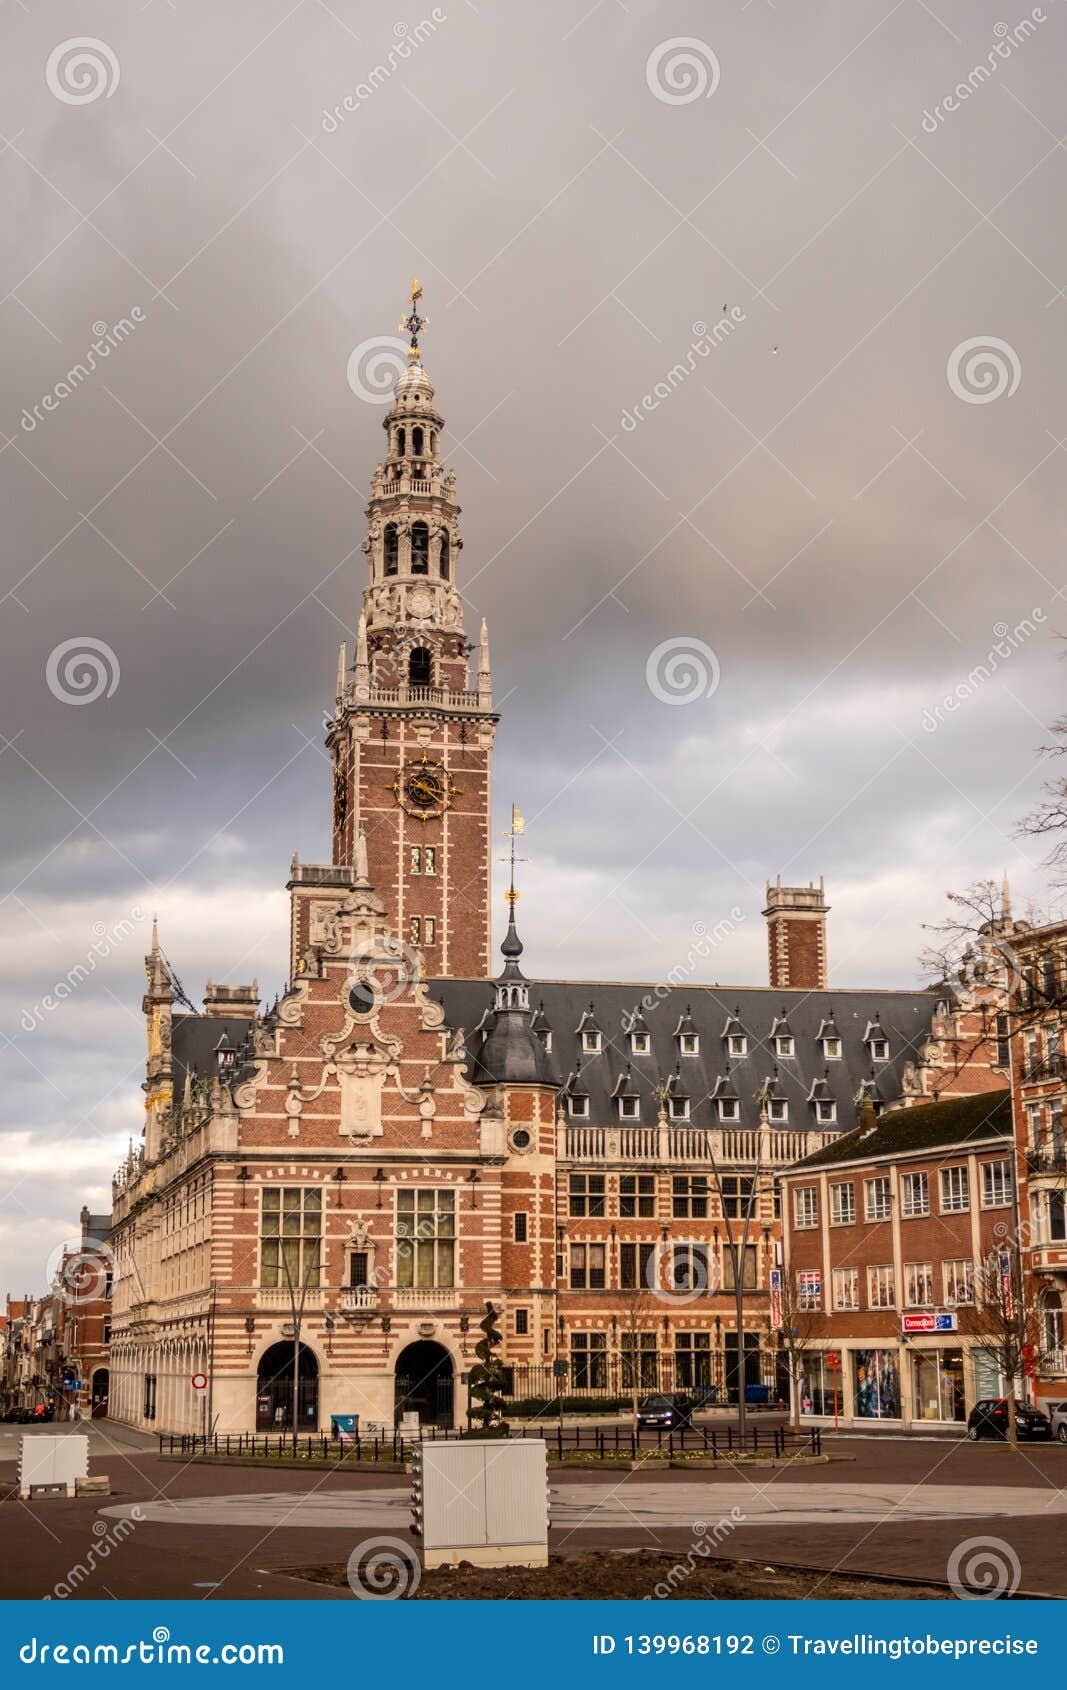 Πανεπιστημιακή βιβλιοθήκη, σε Ladeuzeplein, Λουβαίν, Φλαμανδική περιοχή Βέλγιο